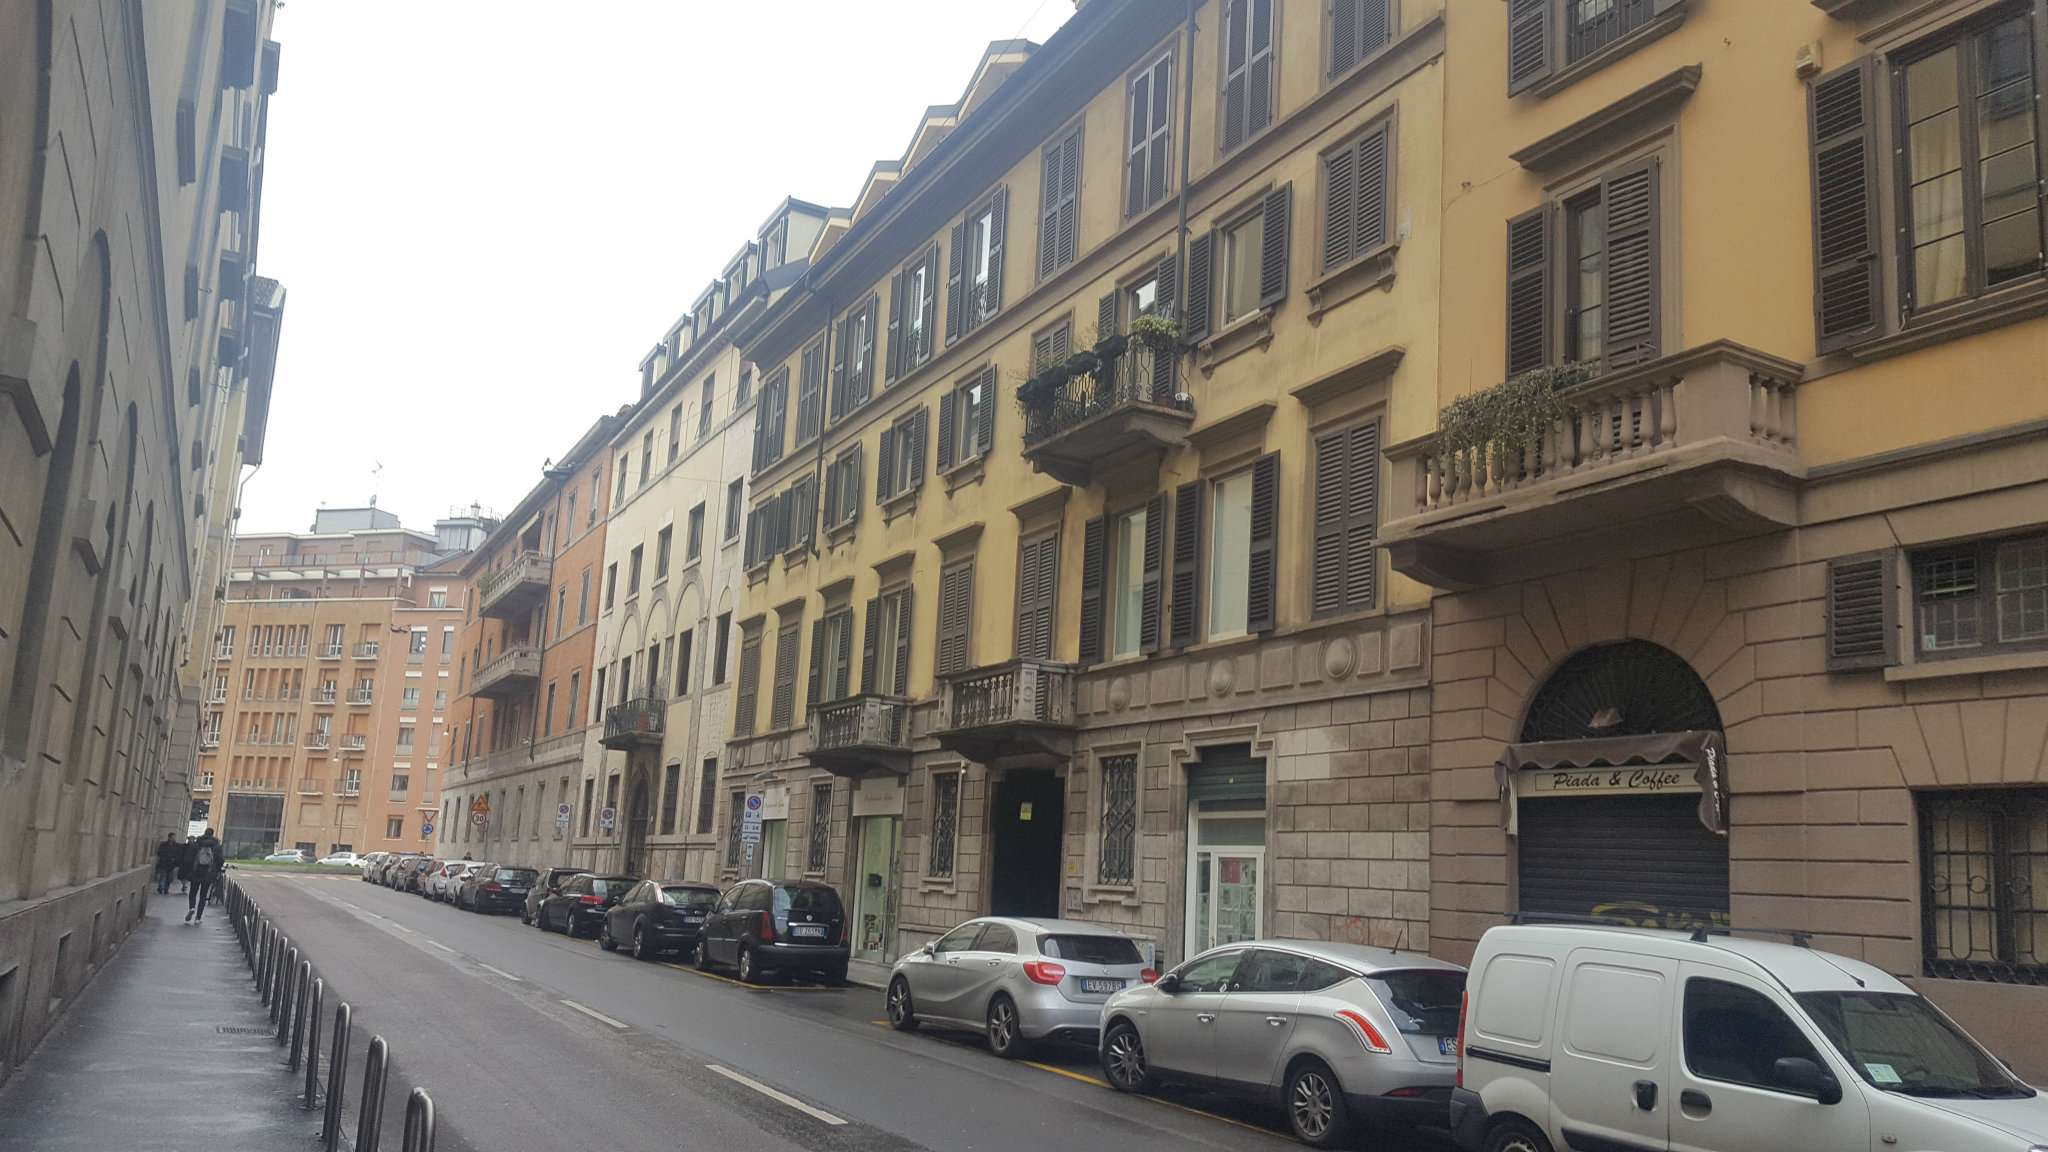 Appartamento in affitto a Milano, 3 locali, zona Zona: 1 . Centro Storico, Duomo, Brera, Cadorna, Cattolica, prezzo € 2.200 | Cambio Casa.it